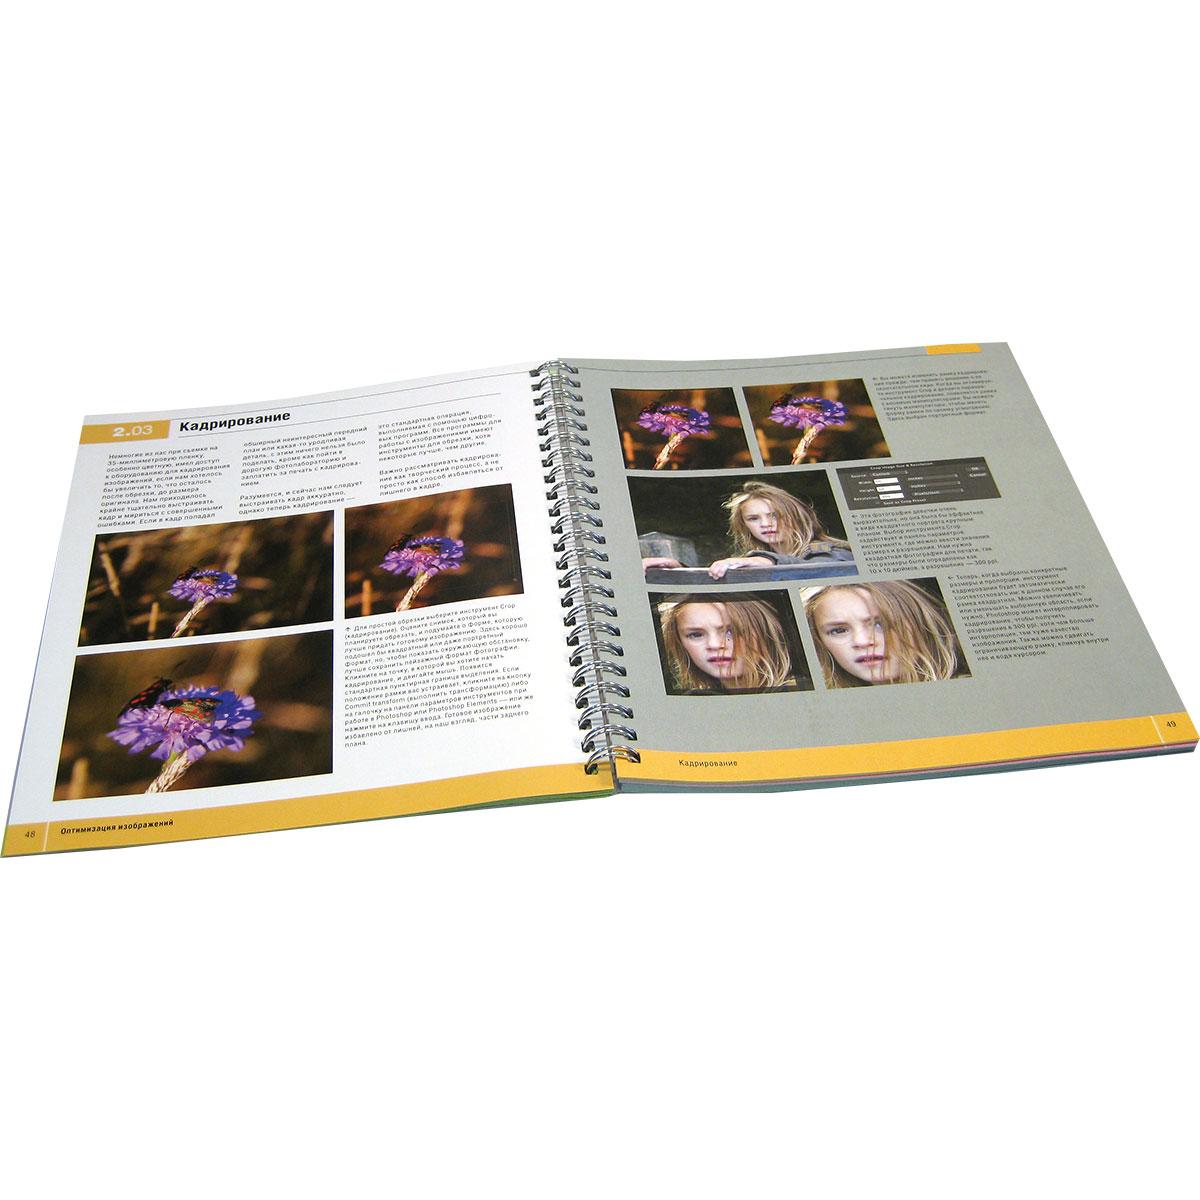 Творческая обработка фотографий и специальные эффекты. Как совершенствовать цифровые фотографии, используя ключевые инструменты Photoshop и Lightroom